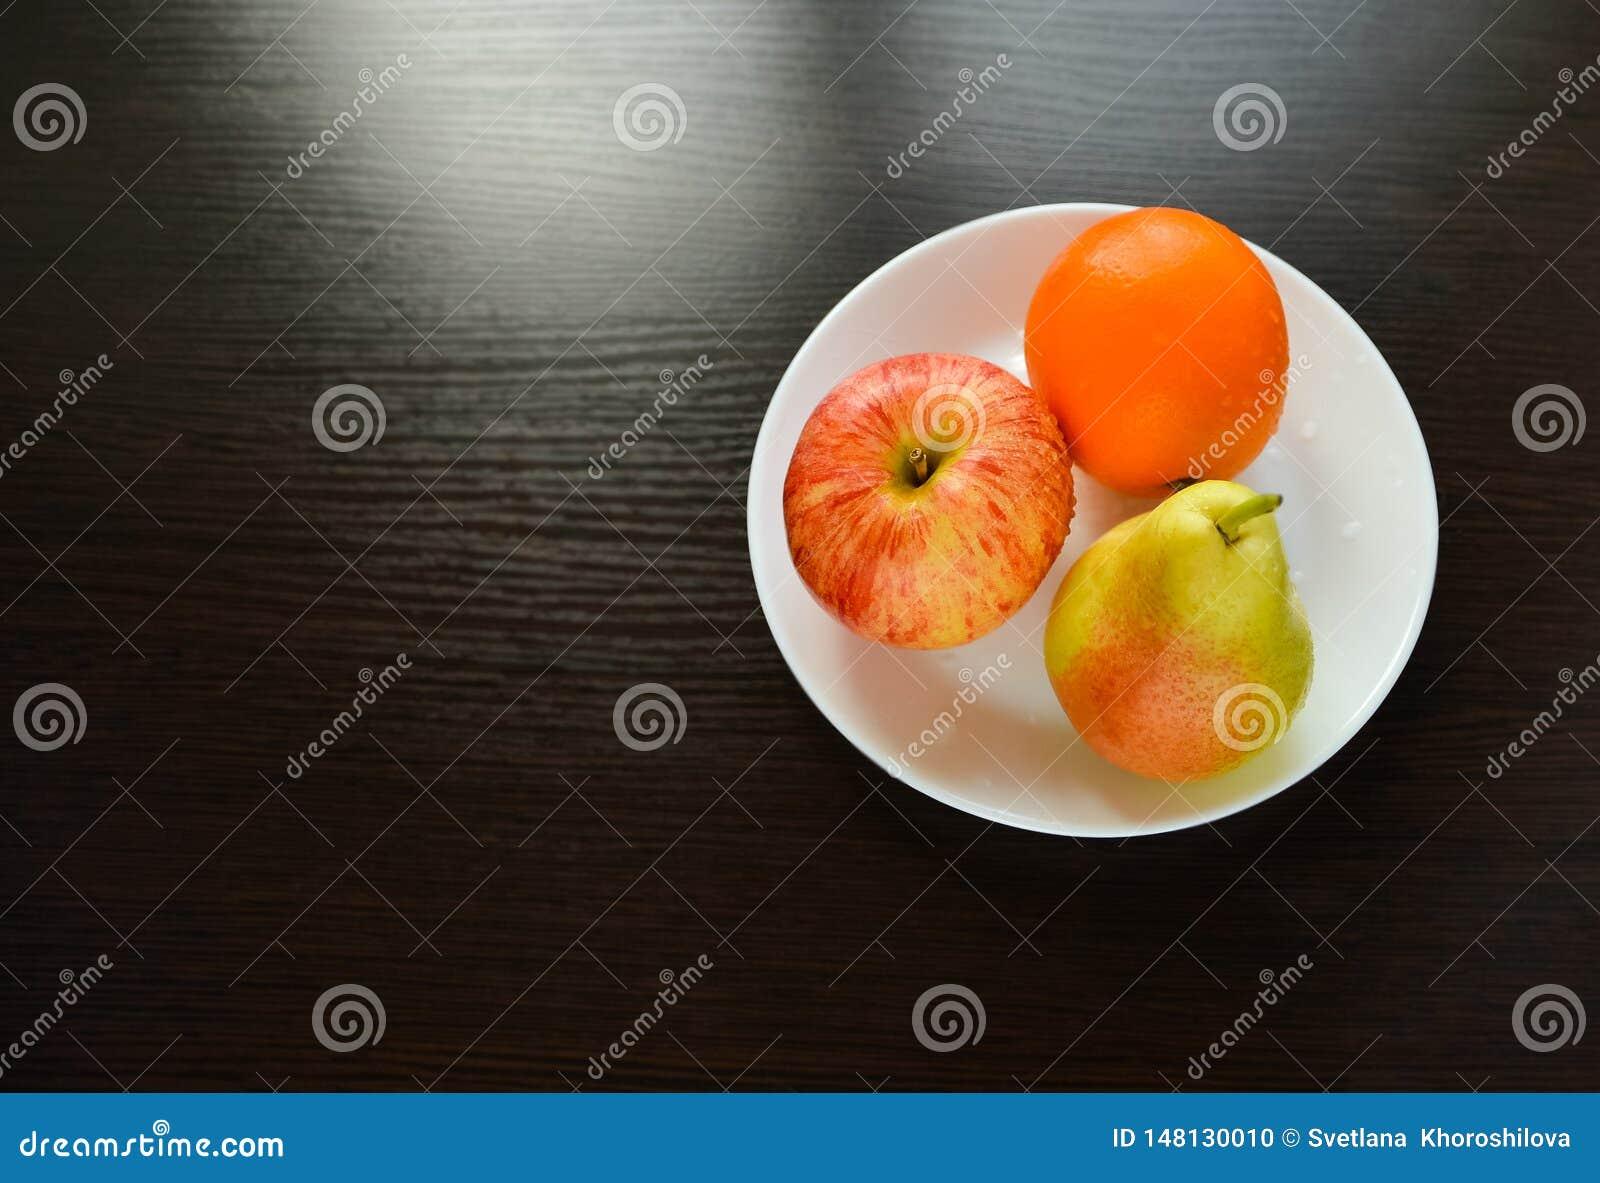 Яблоко, груша, оранжевая ложь на белой плите